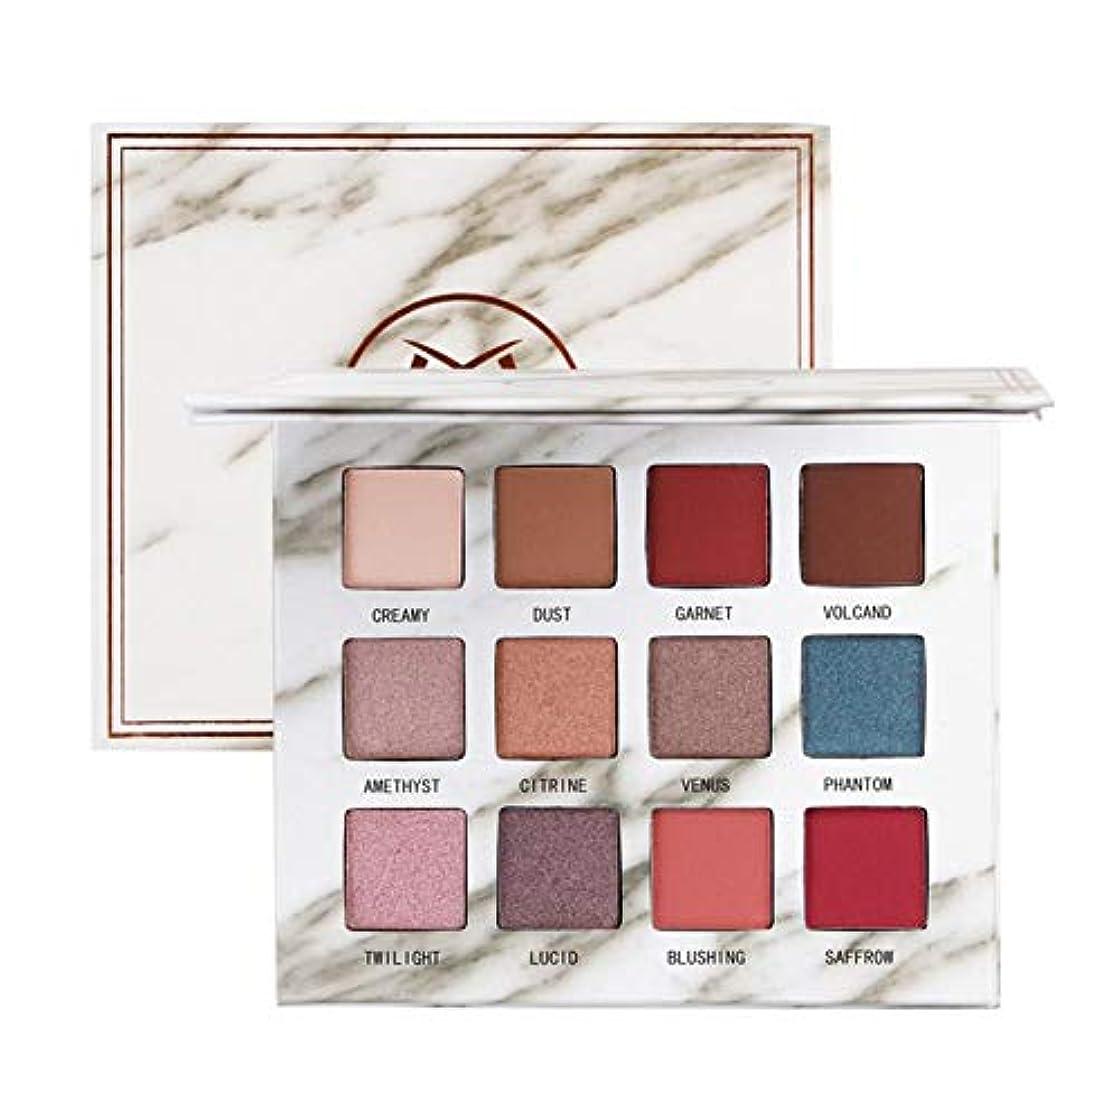 郵便ヒロイックみなすsunyueydeng アイシャドウ, 最新の12色アイシャドウ大理石の色のベースカラーの真珠光沢のある偏光マット(mag5023)